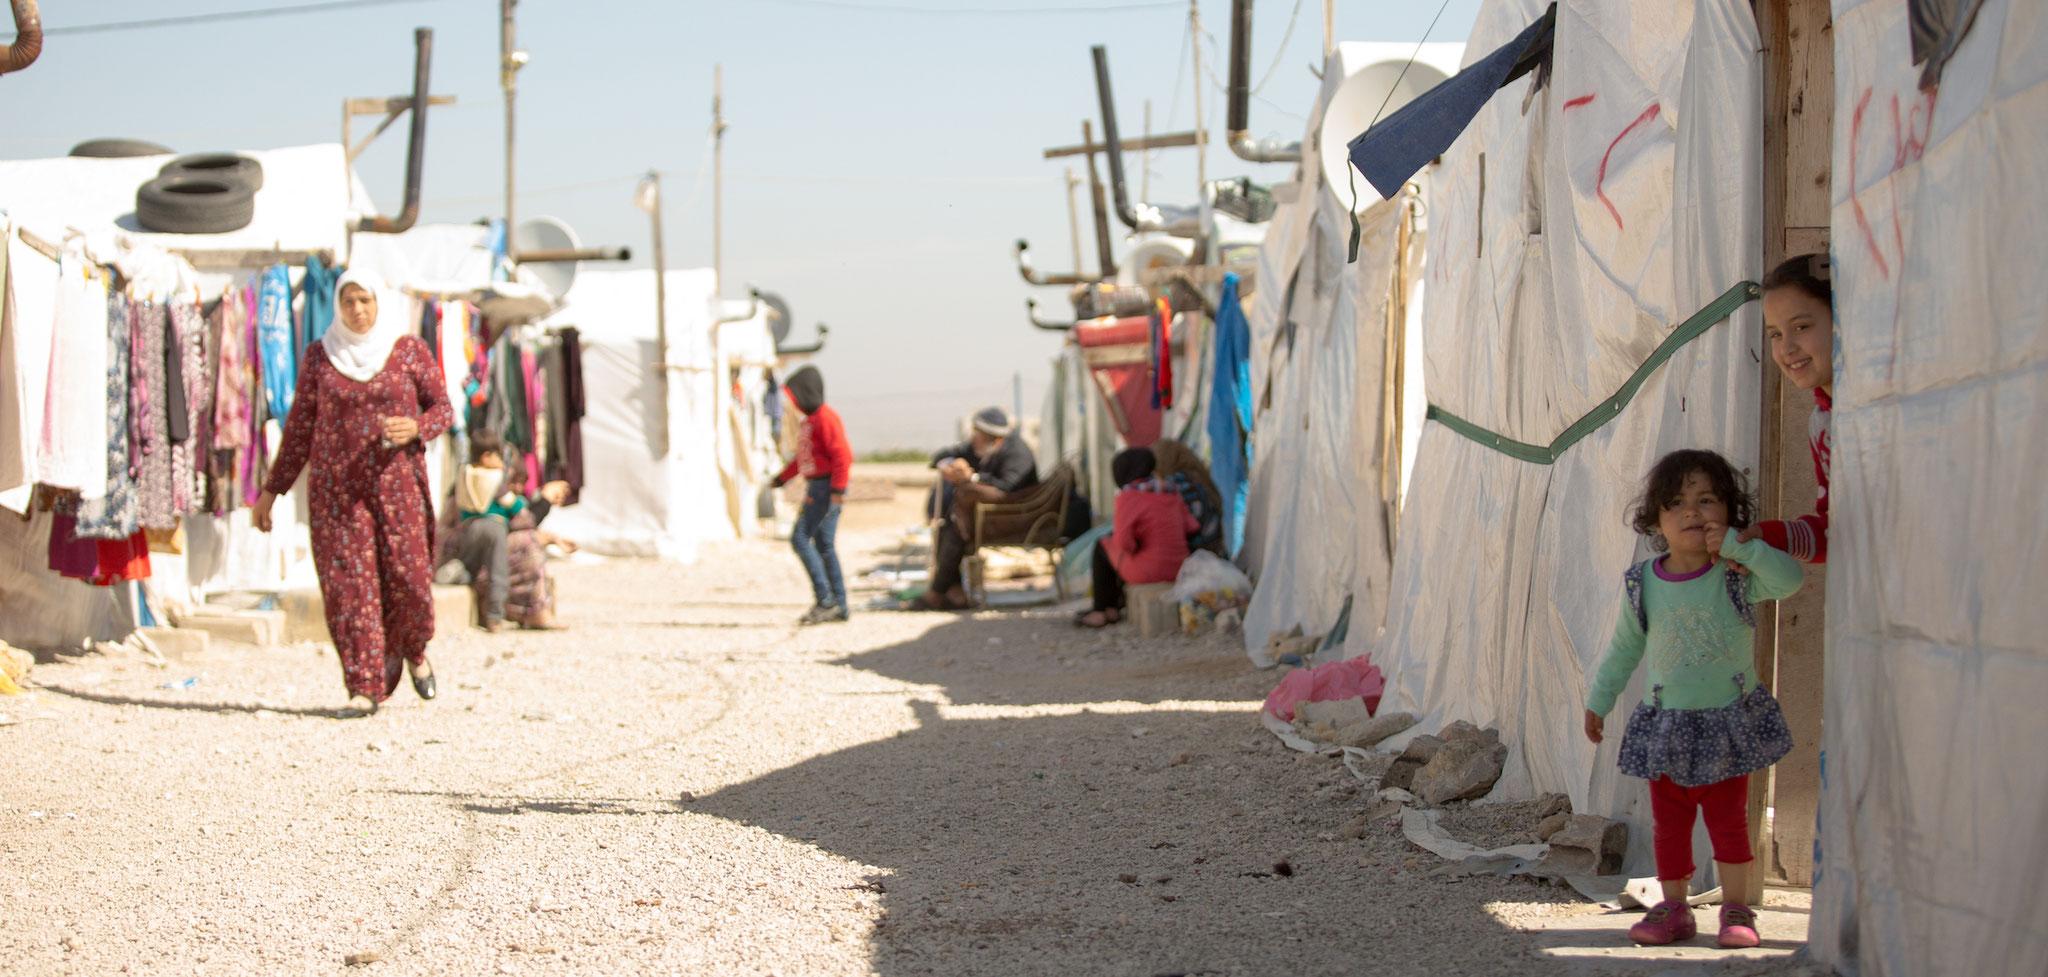 Das Flüchtlingslager in der Gemeinde Bar Elias in der Bekaa-Ebene/Libanon, ist keine Umgebung, um ein Kind kindgerecht großzuziehen. Foto: Society of Jesus